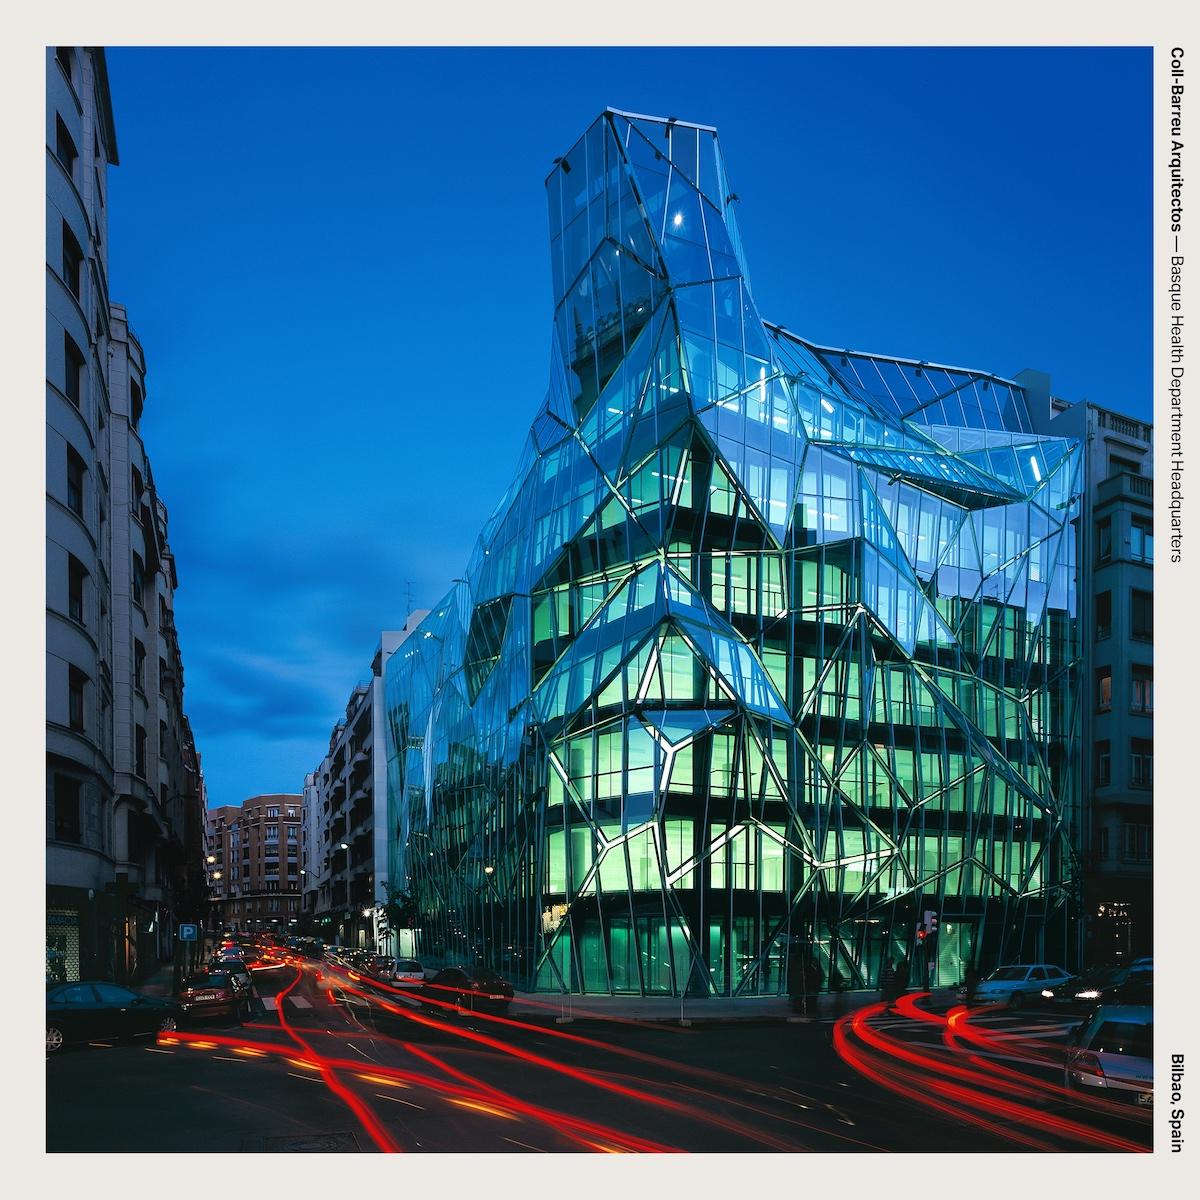 Coll-Barreu Arquitectos — Basque Health Department Headquarters